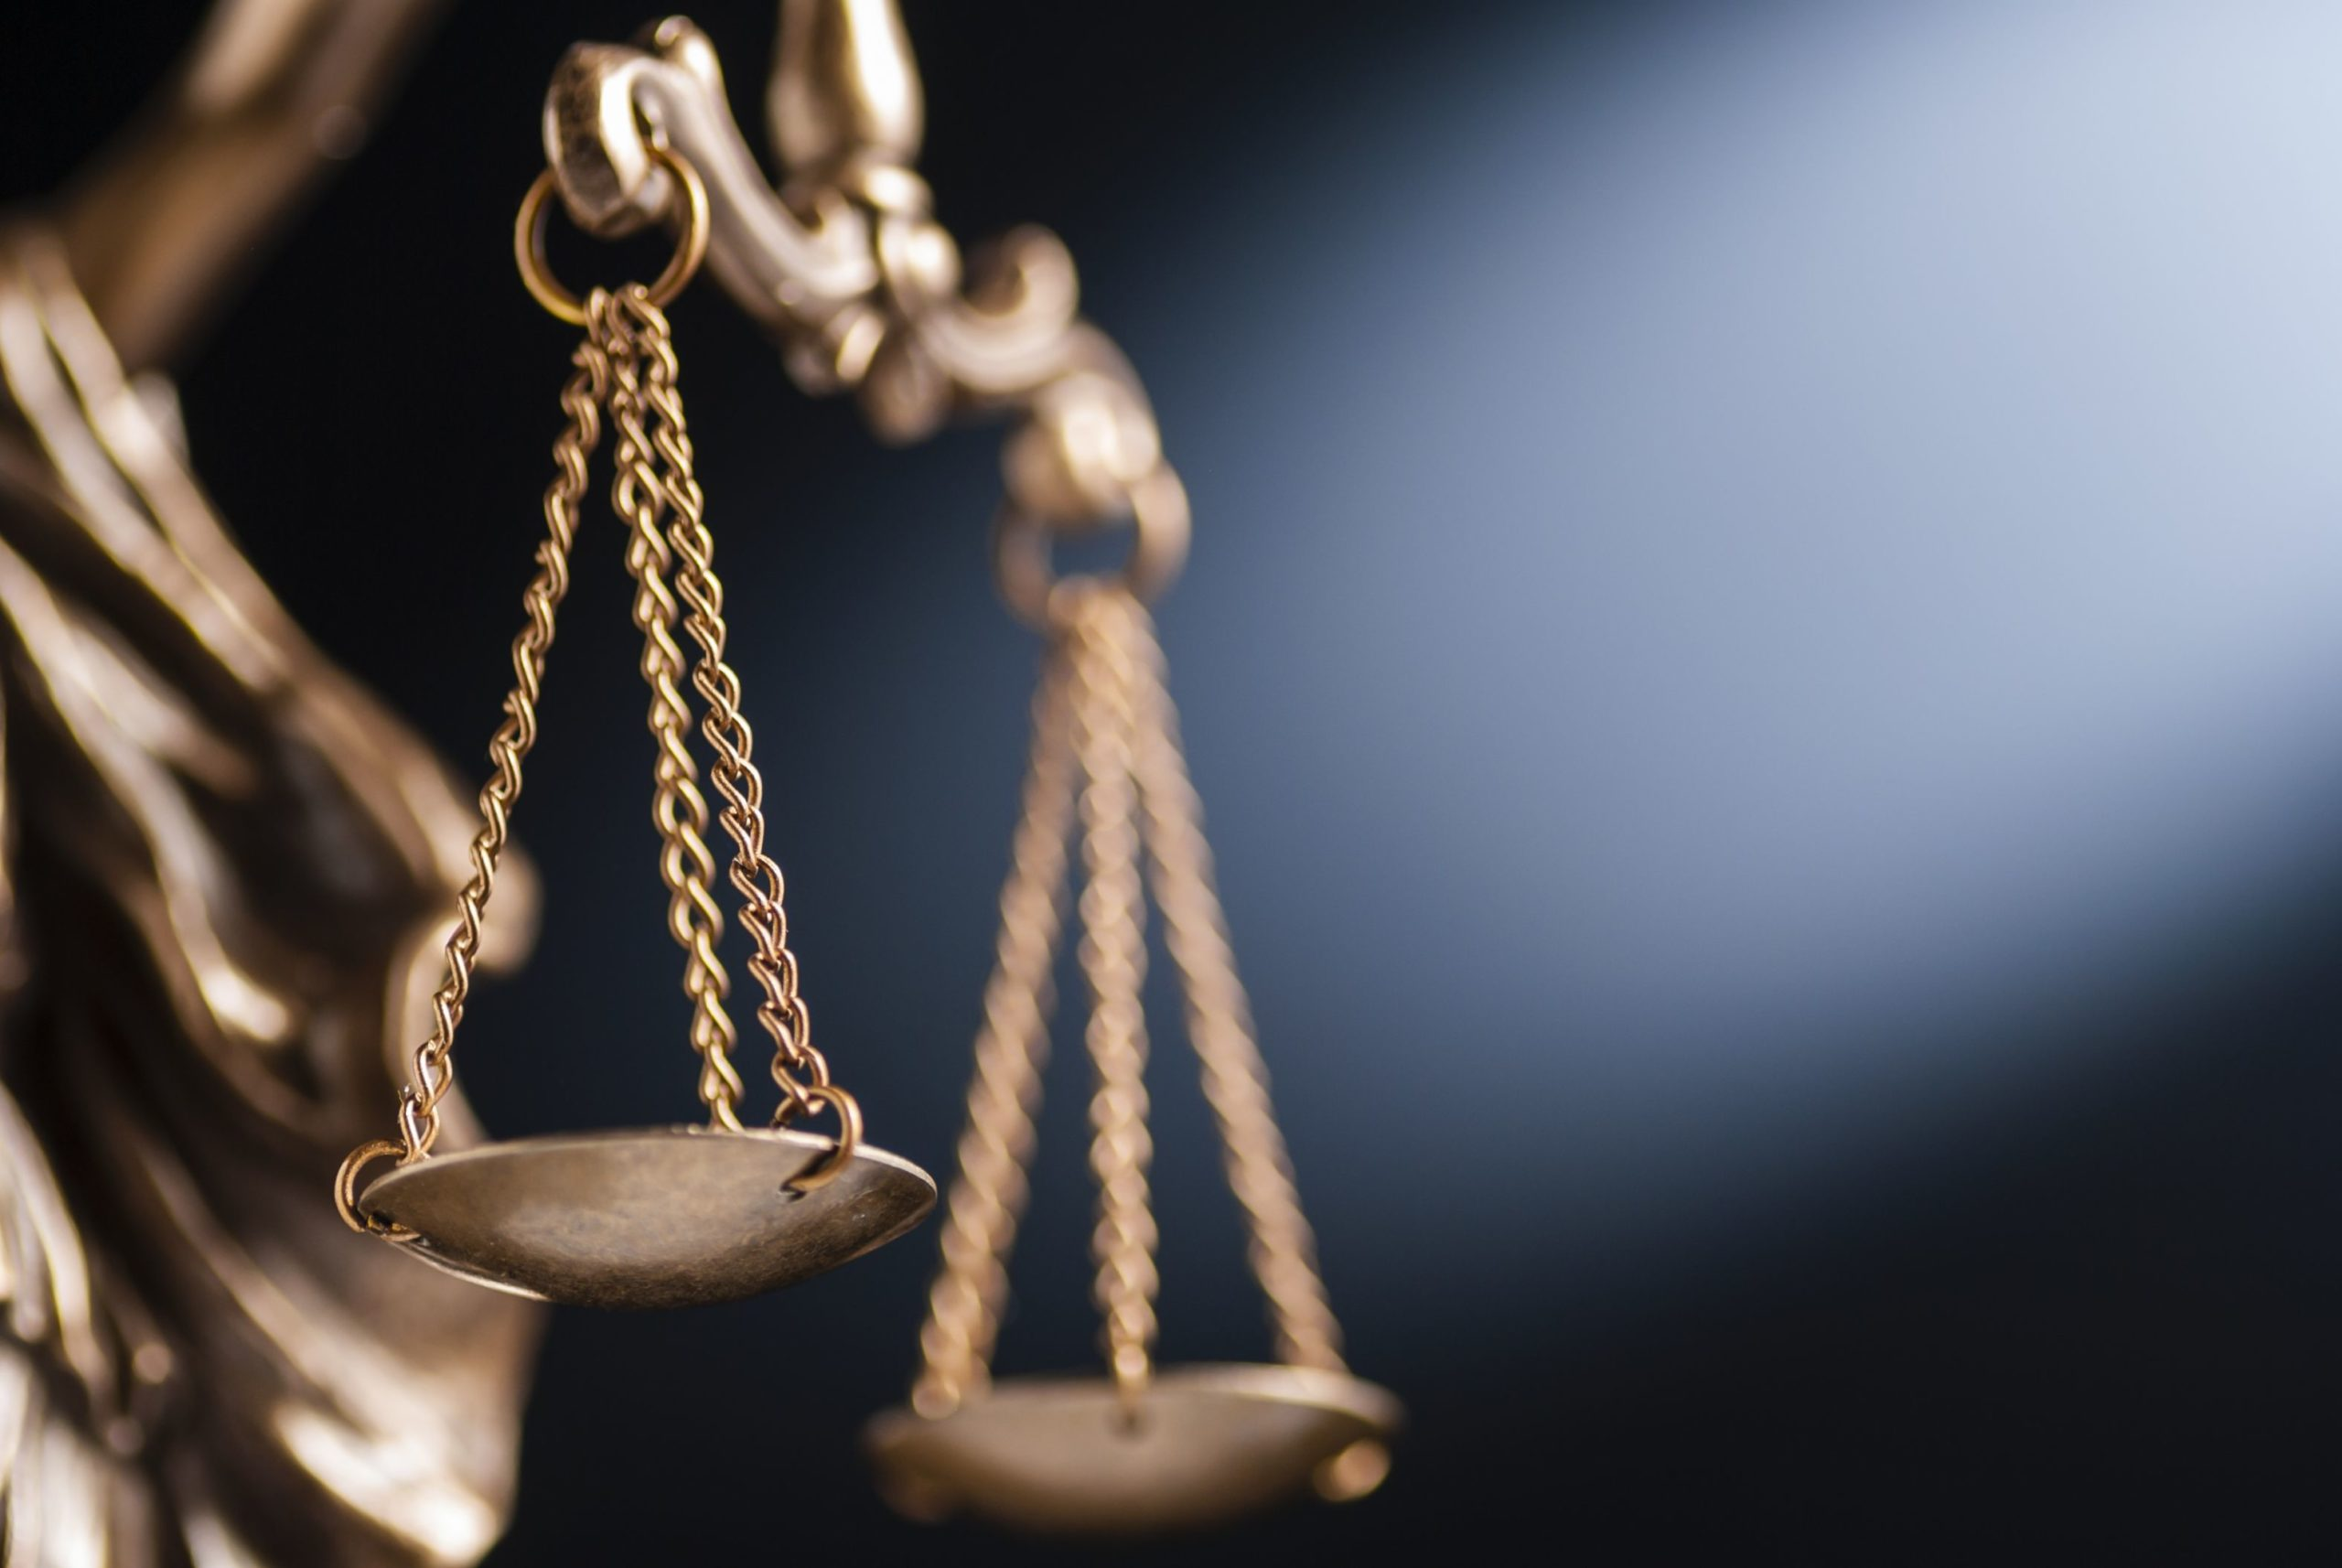 Plafonnement des dommages-intérêts prud'homaux validé par la Cour de cassation